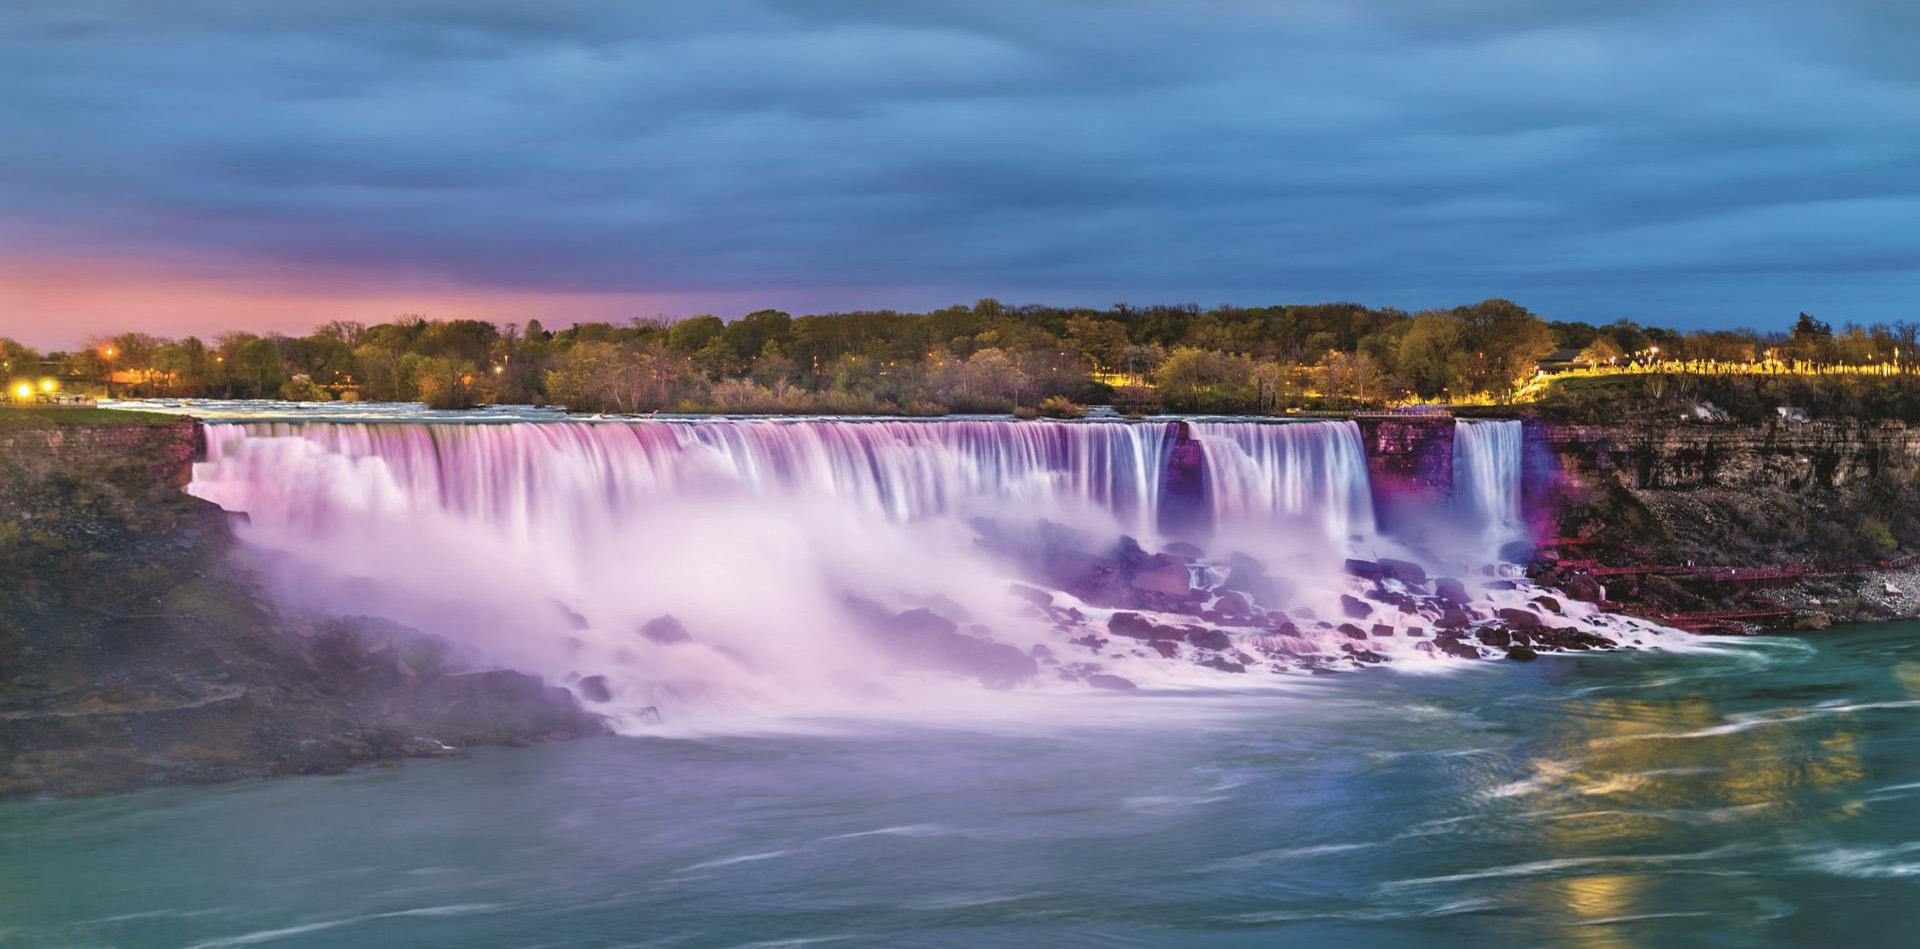 Niagara Falls Cruise Niagara Queen Mary 2 Jetline